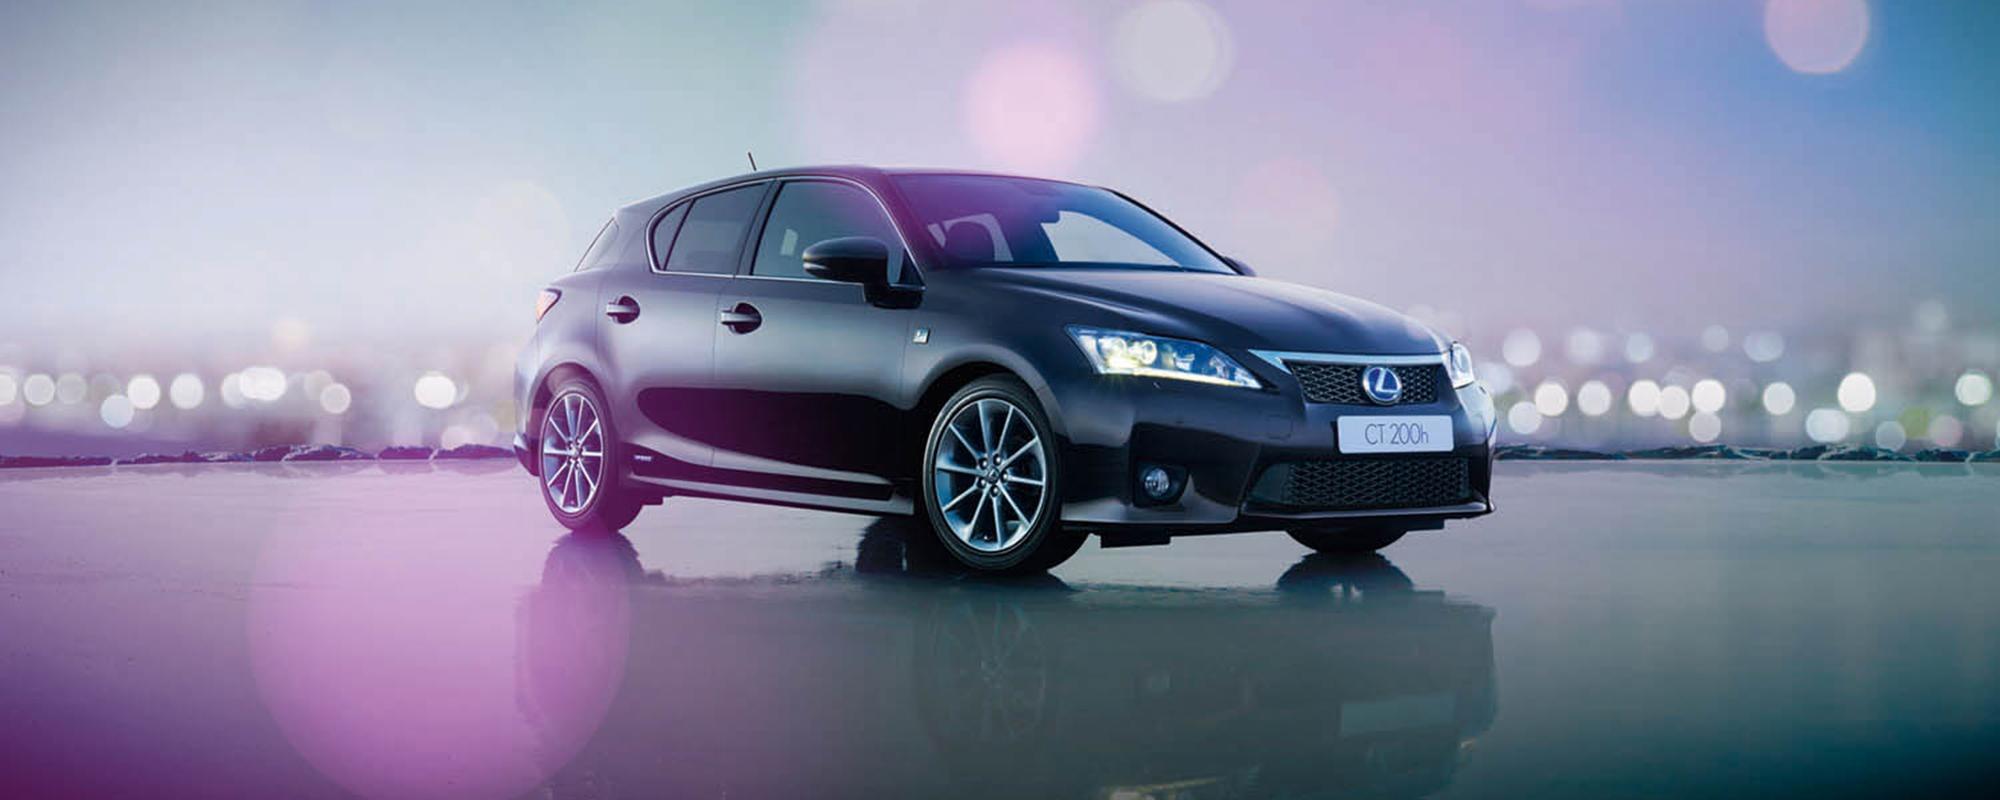 Lexus CT 200h ook in 2014 met slechts 14% bijtelling